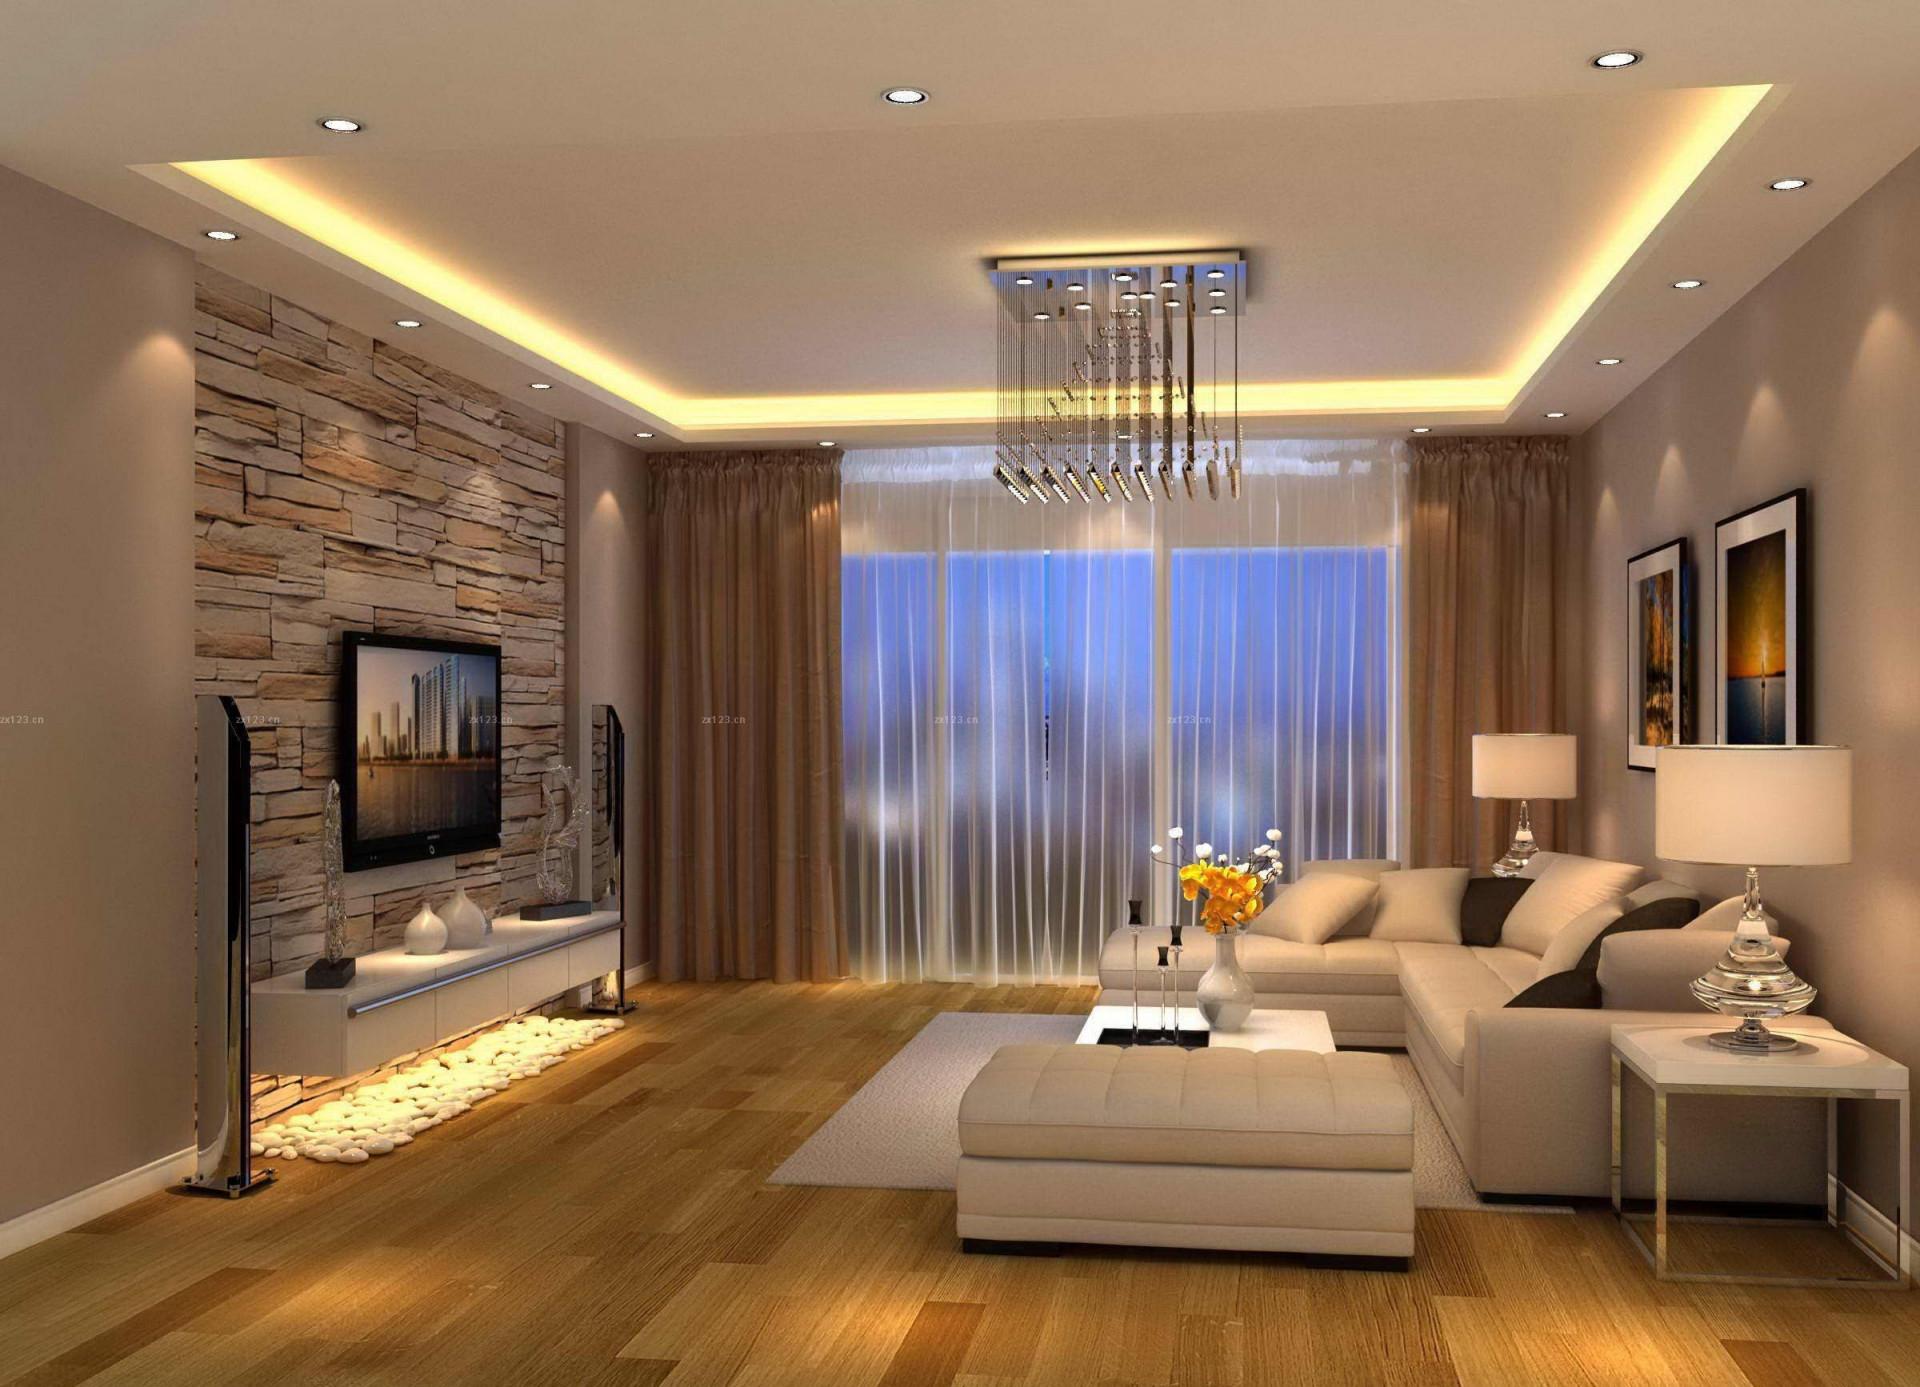 Moderne Wohnzimmer Ideen – Die Zahl Der Quadratmeter Die von Wohnzimmer Modern Ideen Photo